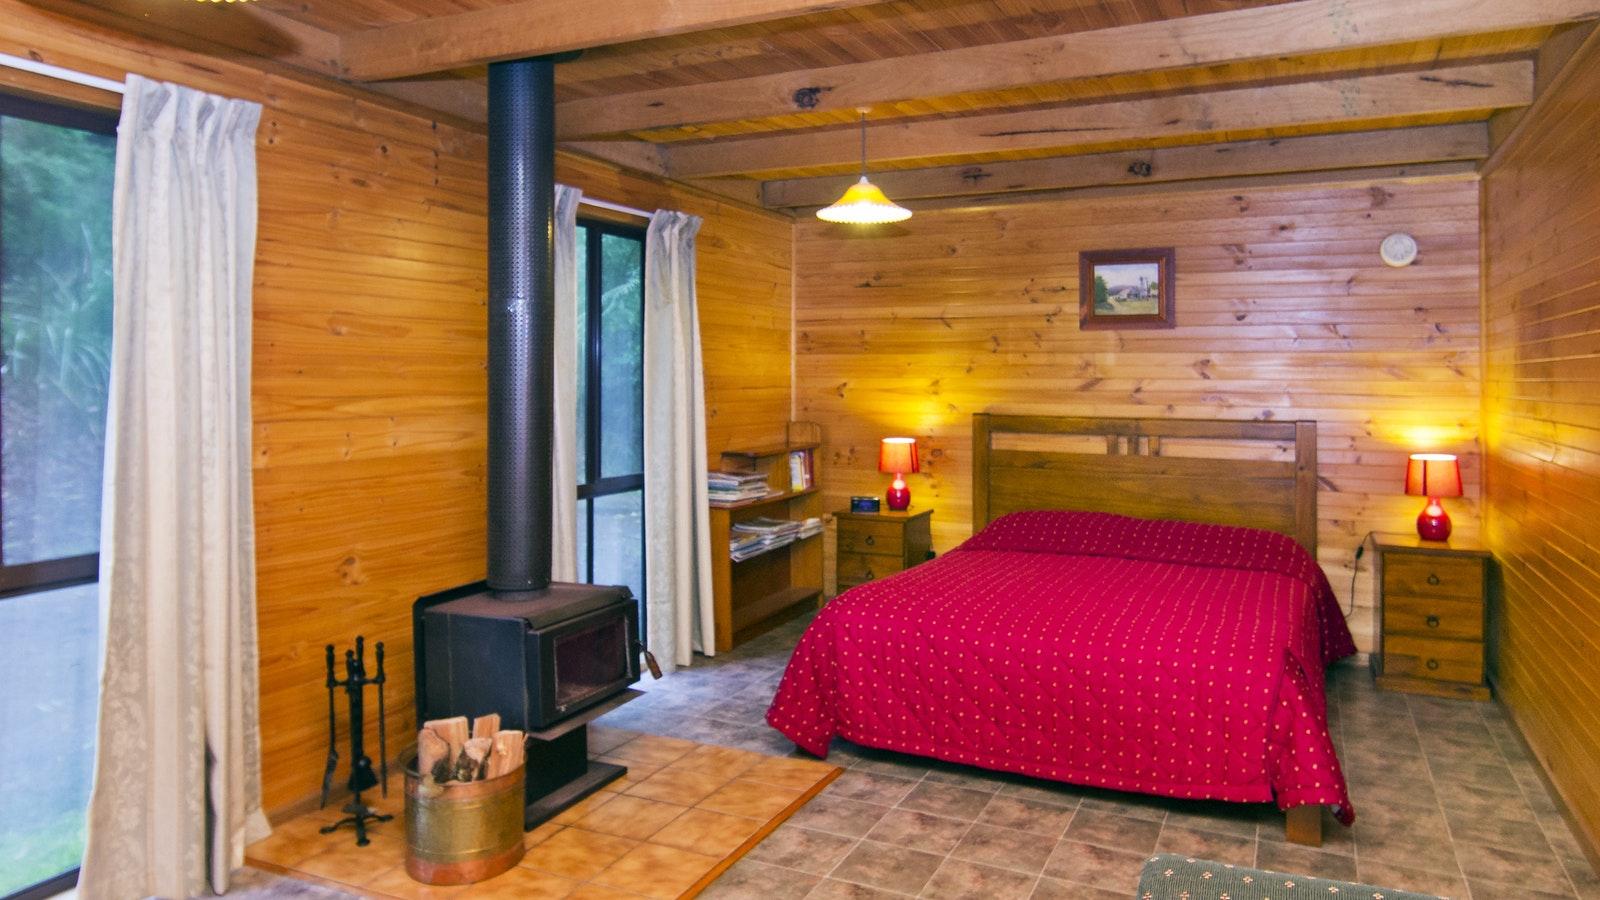 Rosella Cabin